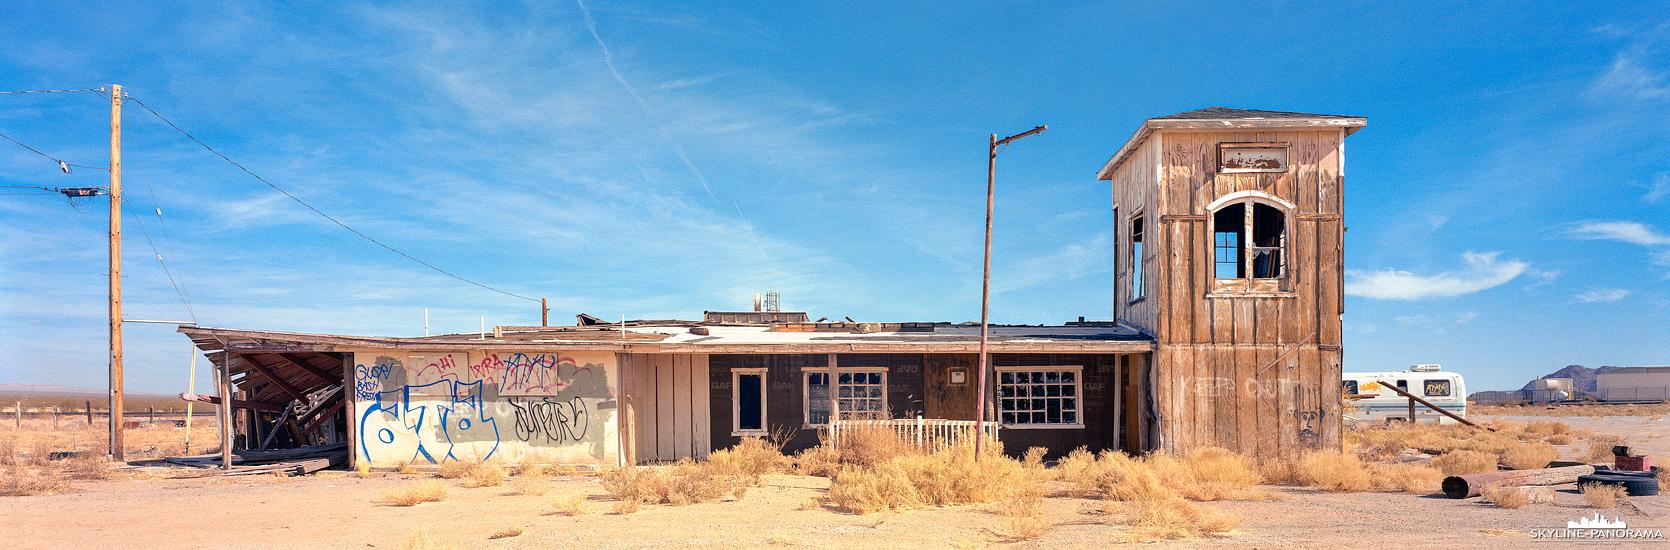 Panorama Route 66 - Fährt man vom Joshua Tree Nationalpark kommend, nach Amboy die Route 66 weiter mit Ziel Las Vegas, kommt man oft an verlassenen Gebäuden vorbei. Dieses Panorama entstand kurz hinter dem Bahnübergang im Geisterstädtchen Goffs und zeigt einen verlassenen General Store, in denen es schon einige Zeit keine Gemischtwaren mehr zu geben scheint.